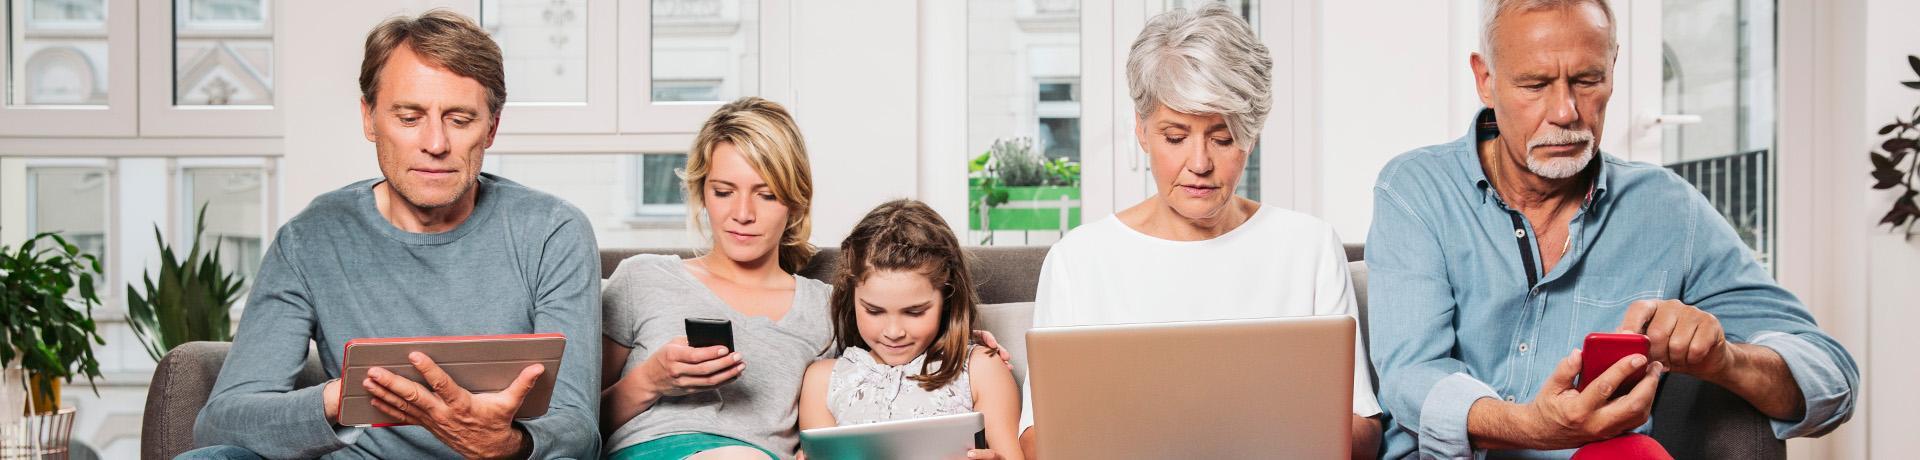 Emotion: Familie - Online - Smartphone - Tablet